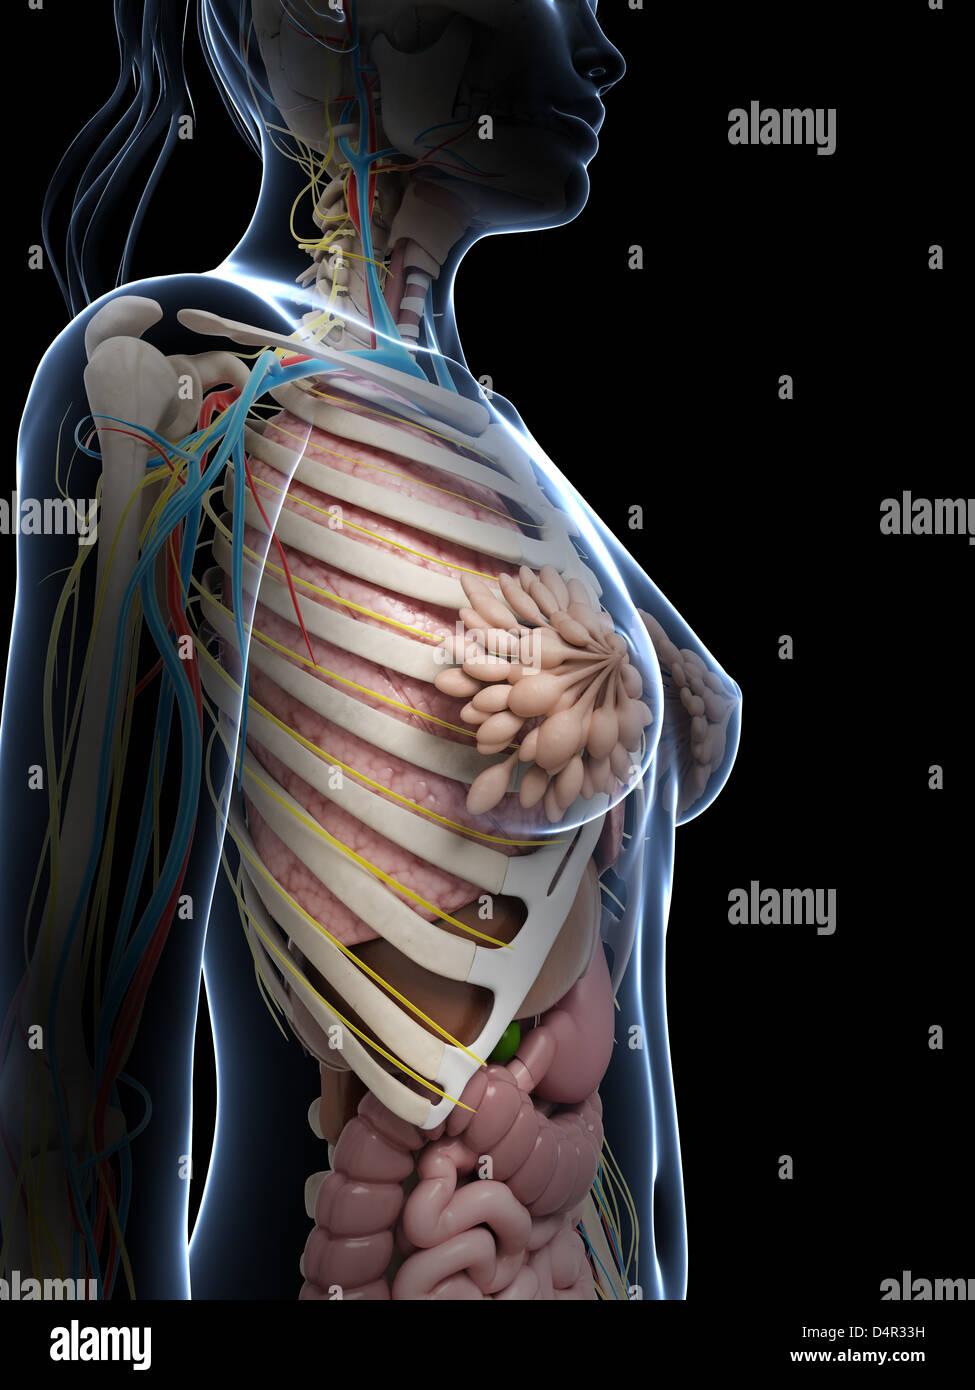 Fein Weibliche Anatomie Fortpflanzungssystem Diagramm Bilder ...